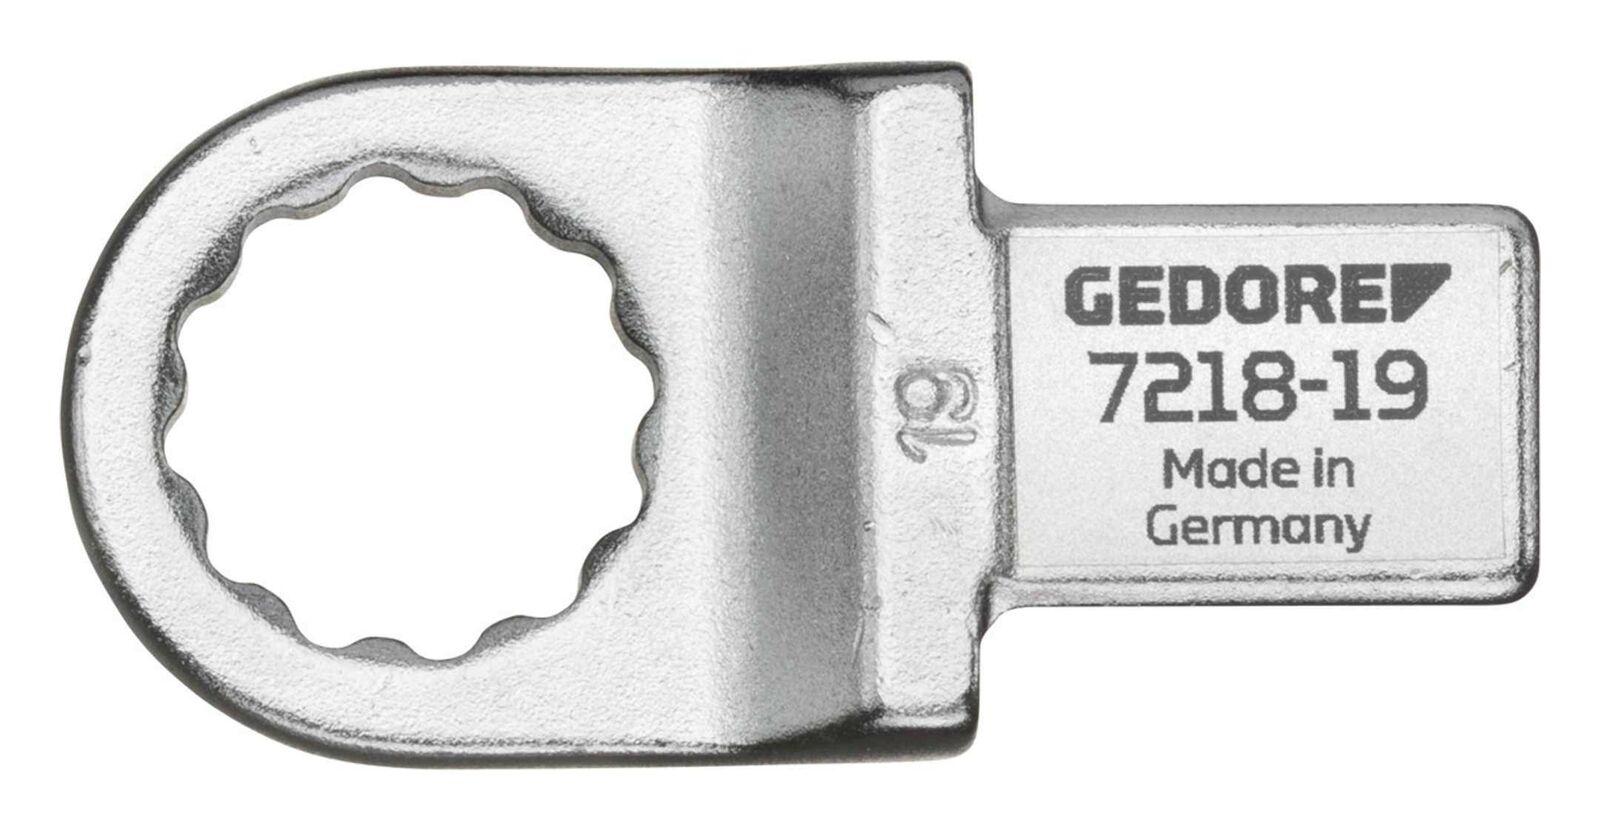 wiederverwendbar 2 St/ück Xavax Klebepads mit Metallhaken